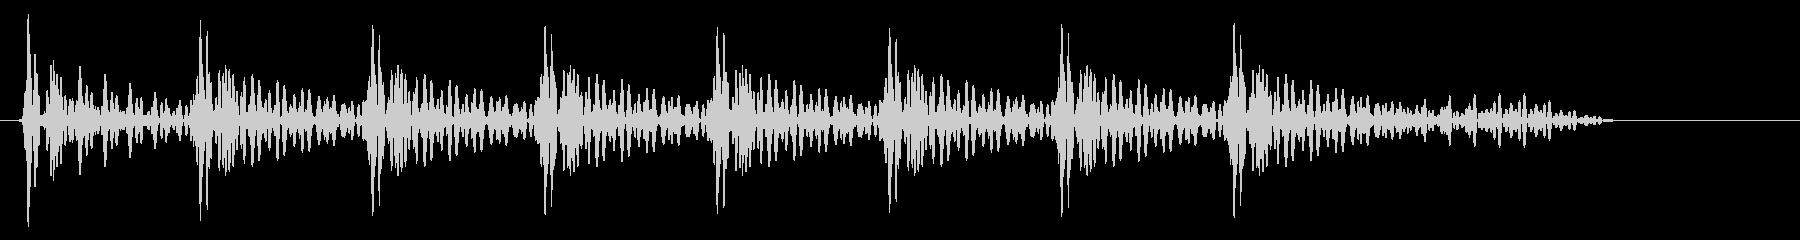 トトトン(打つ音色)の未再生の波形